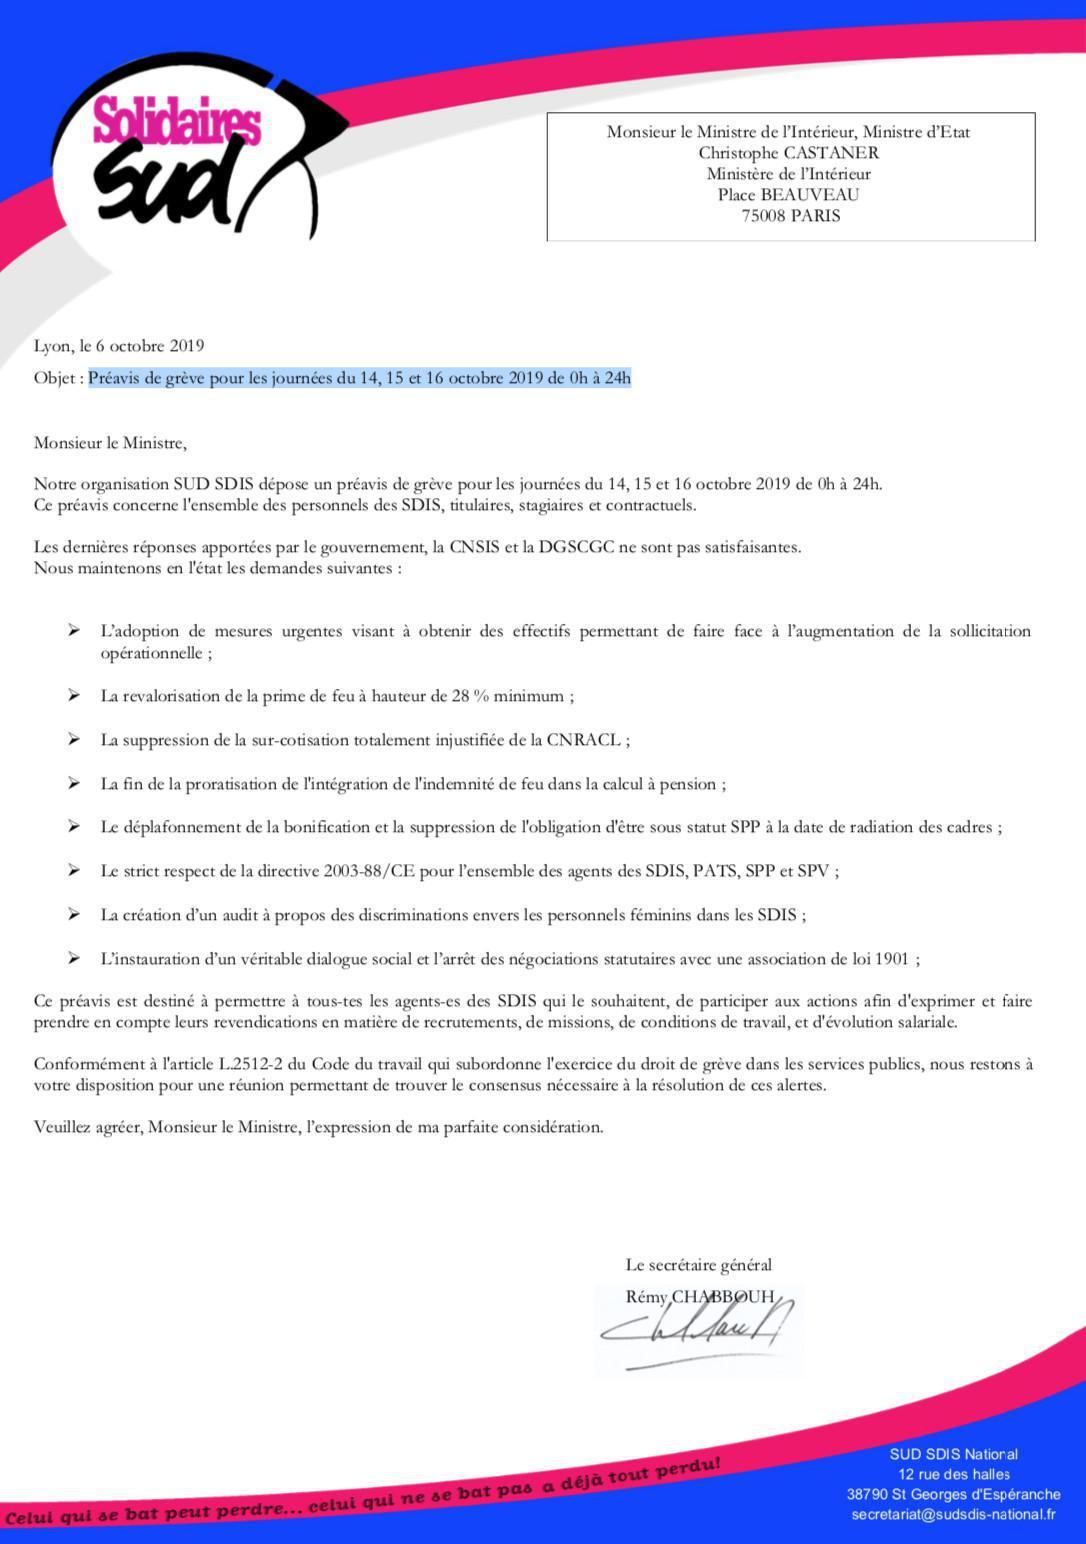 Préavis de grève du 14, 15 et 16 octobre 2019 de 0h à 24h